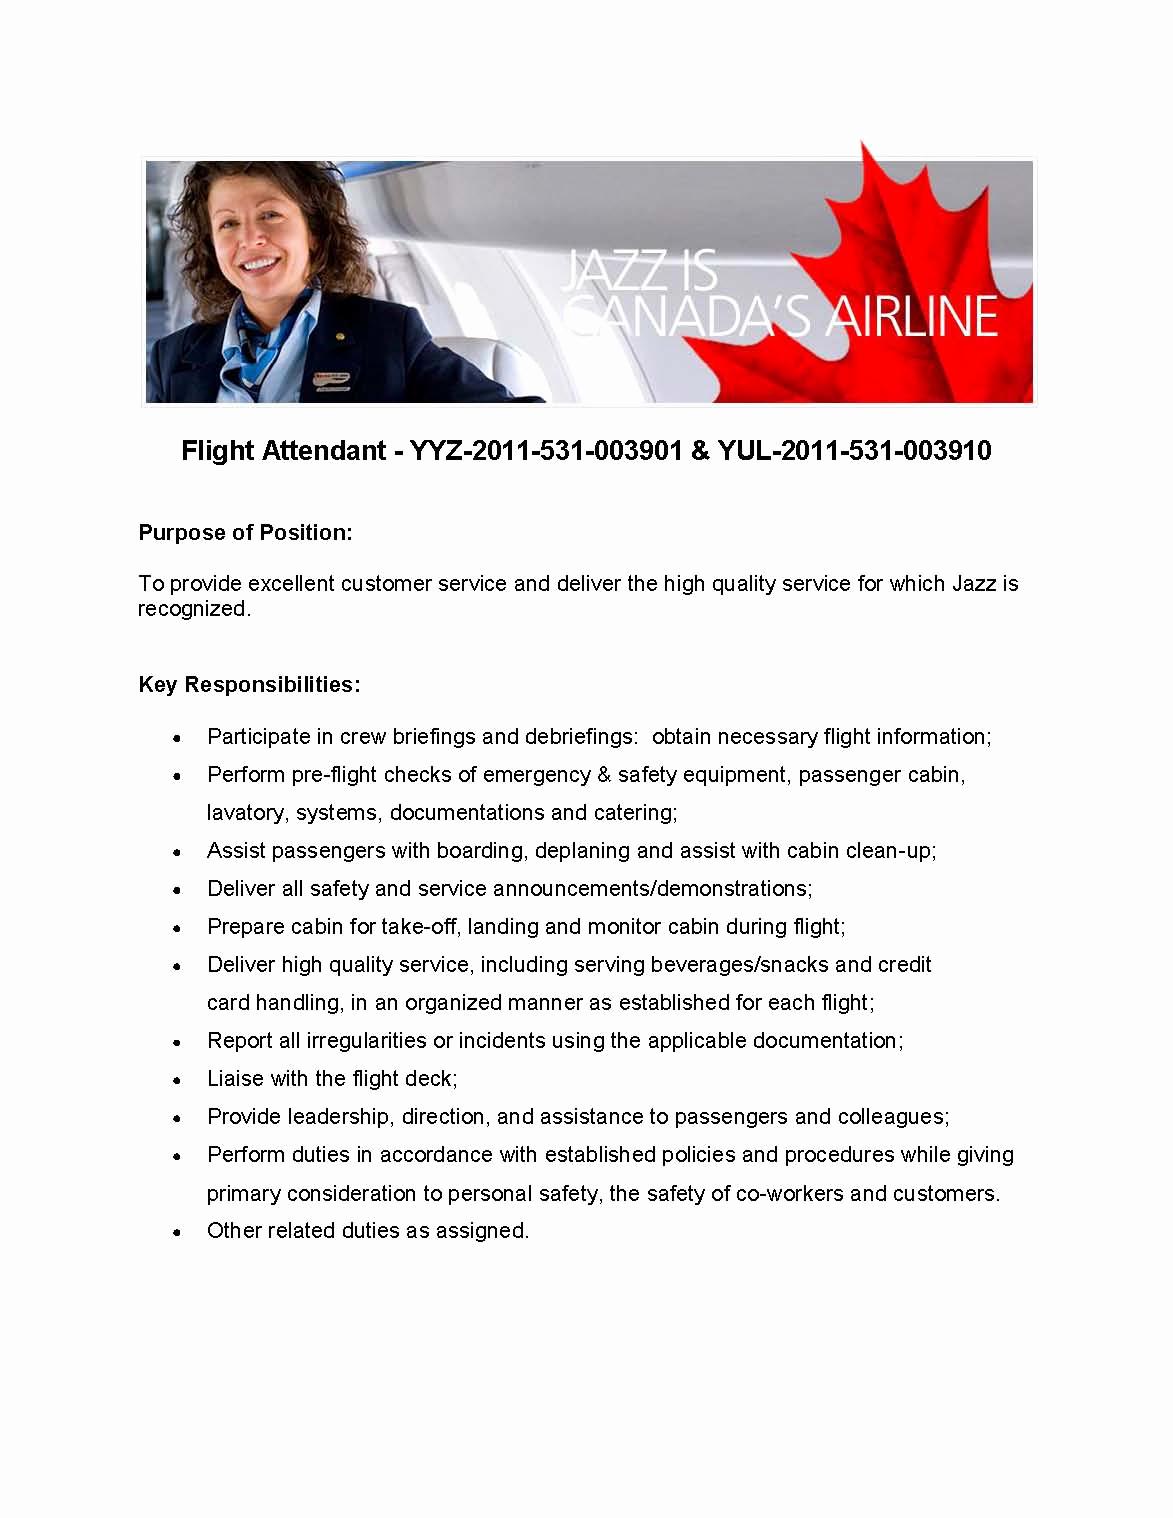 Cover Letter for Flight attendant Lovely New Flight attendant Cover Letter – Perfect Resume format